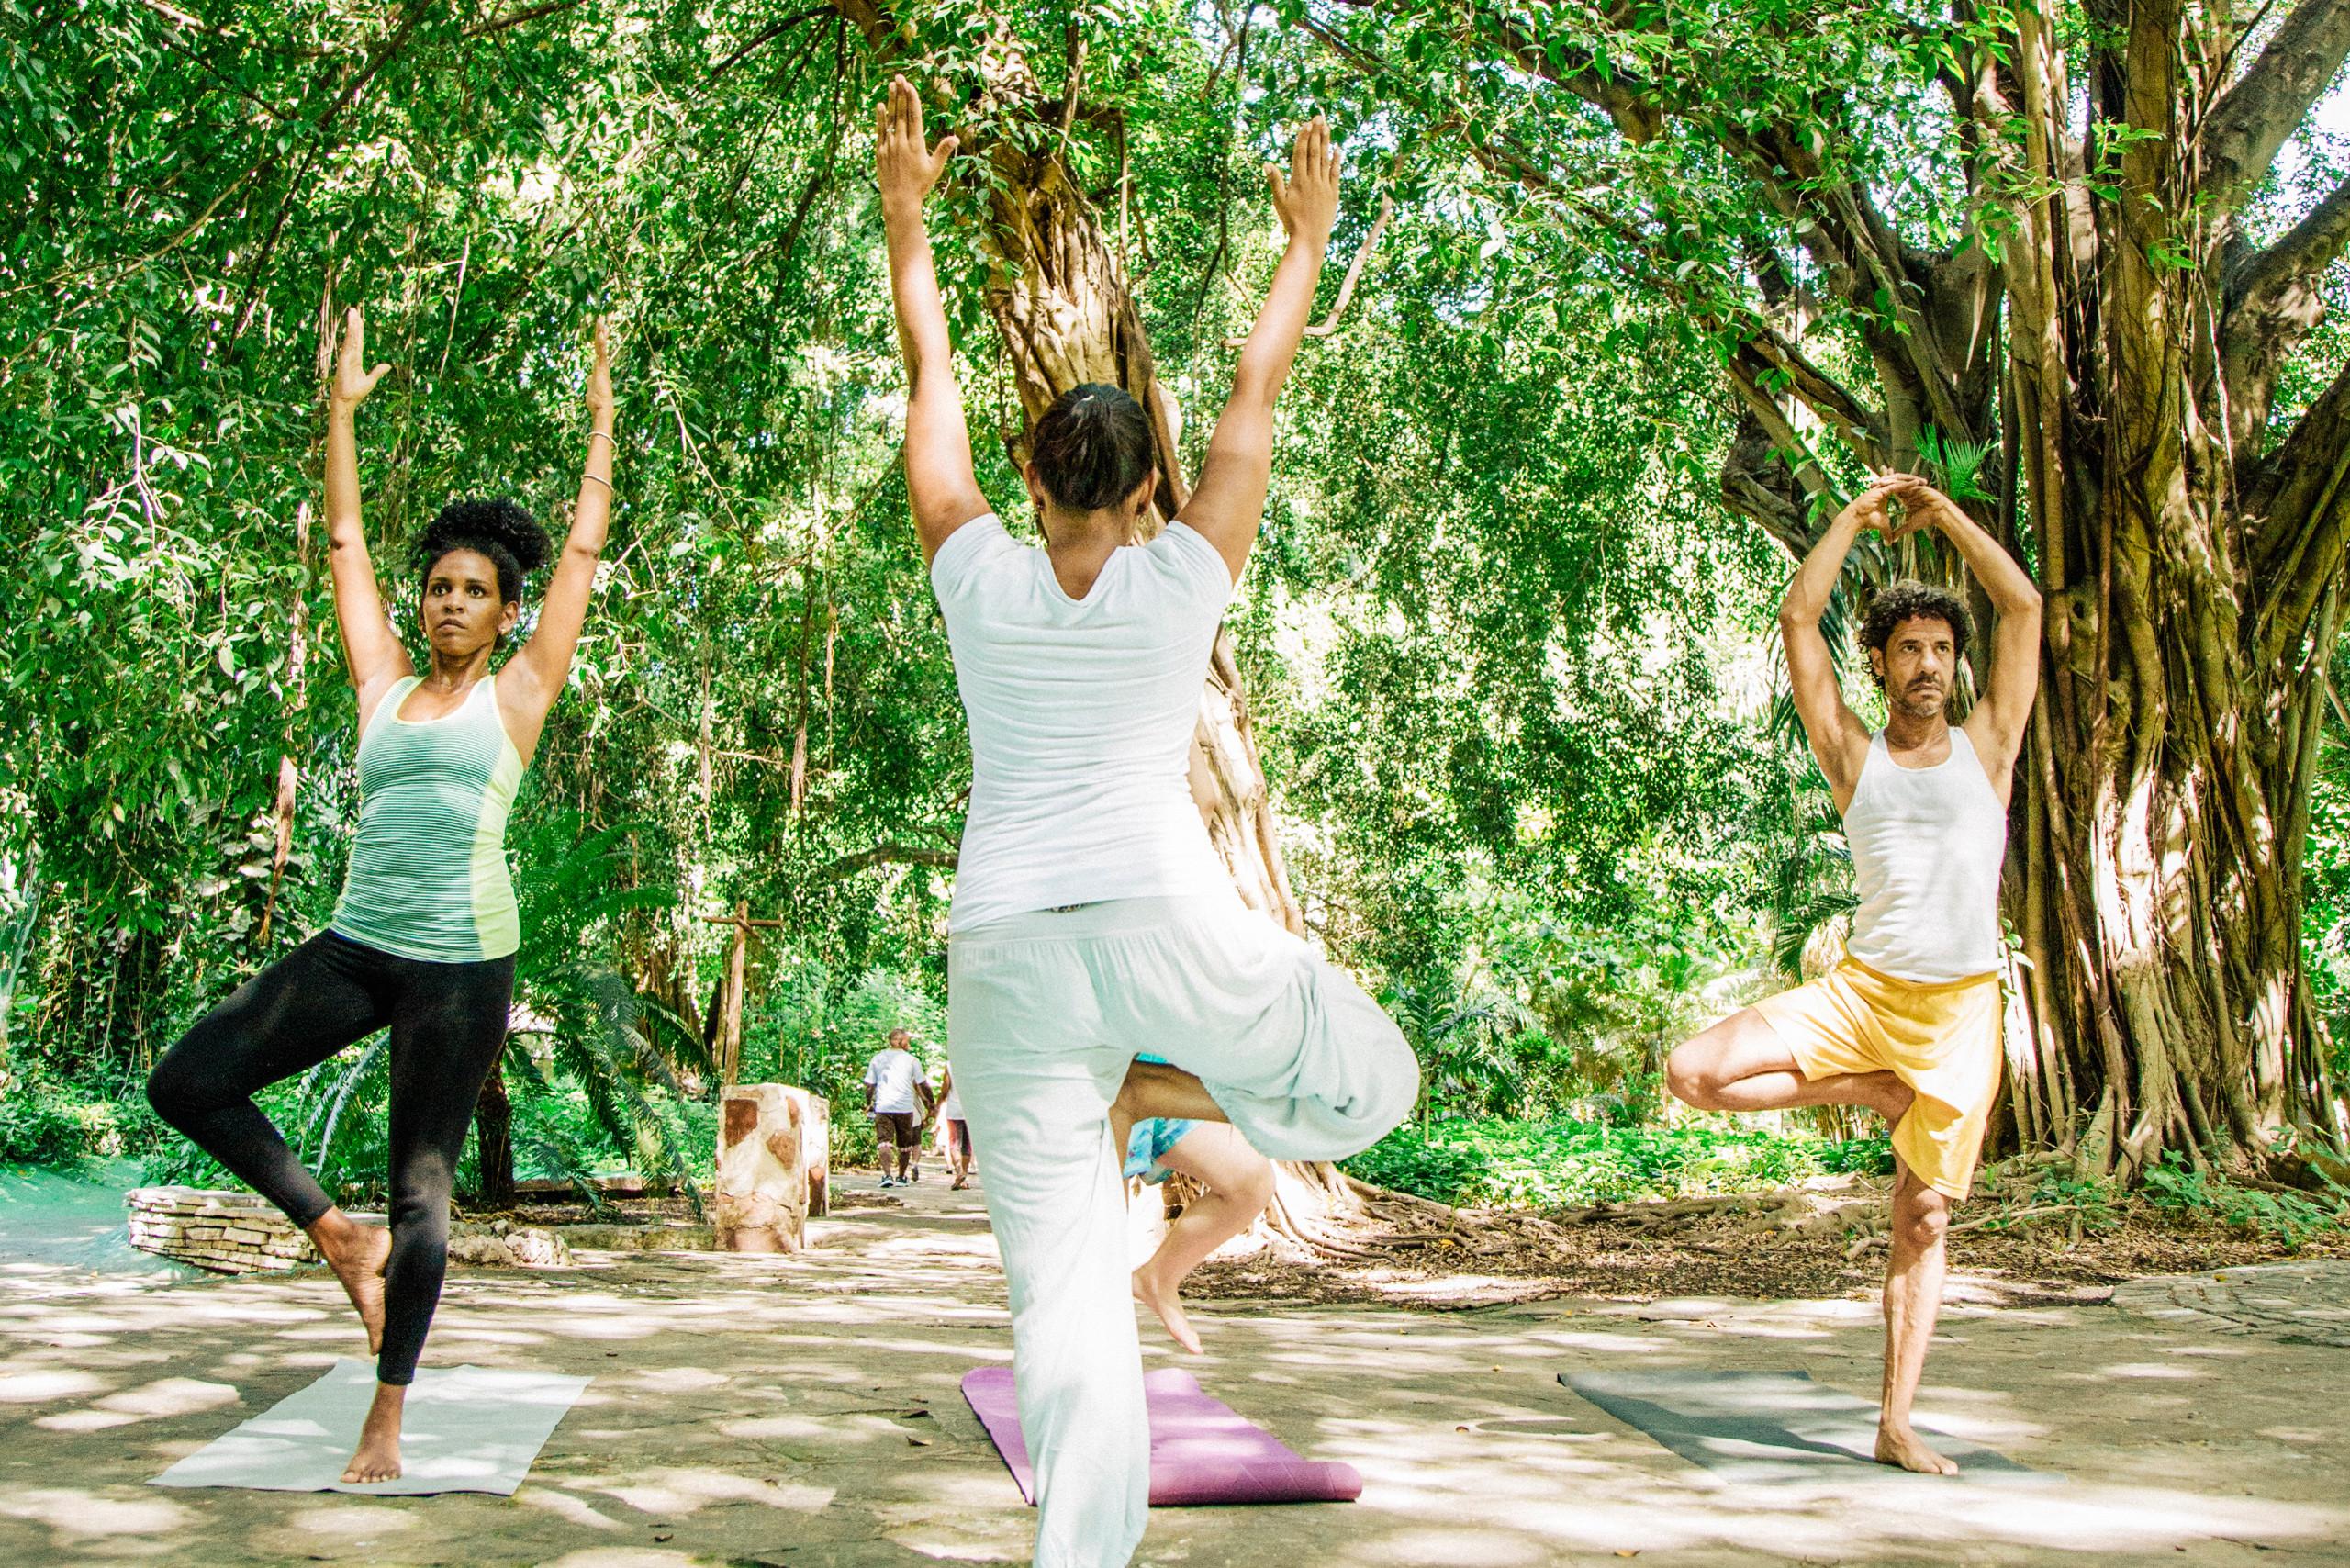 Descubre algunas de las Experiencias healthy disponibles en Airbnb